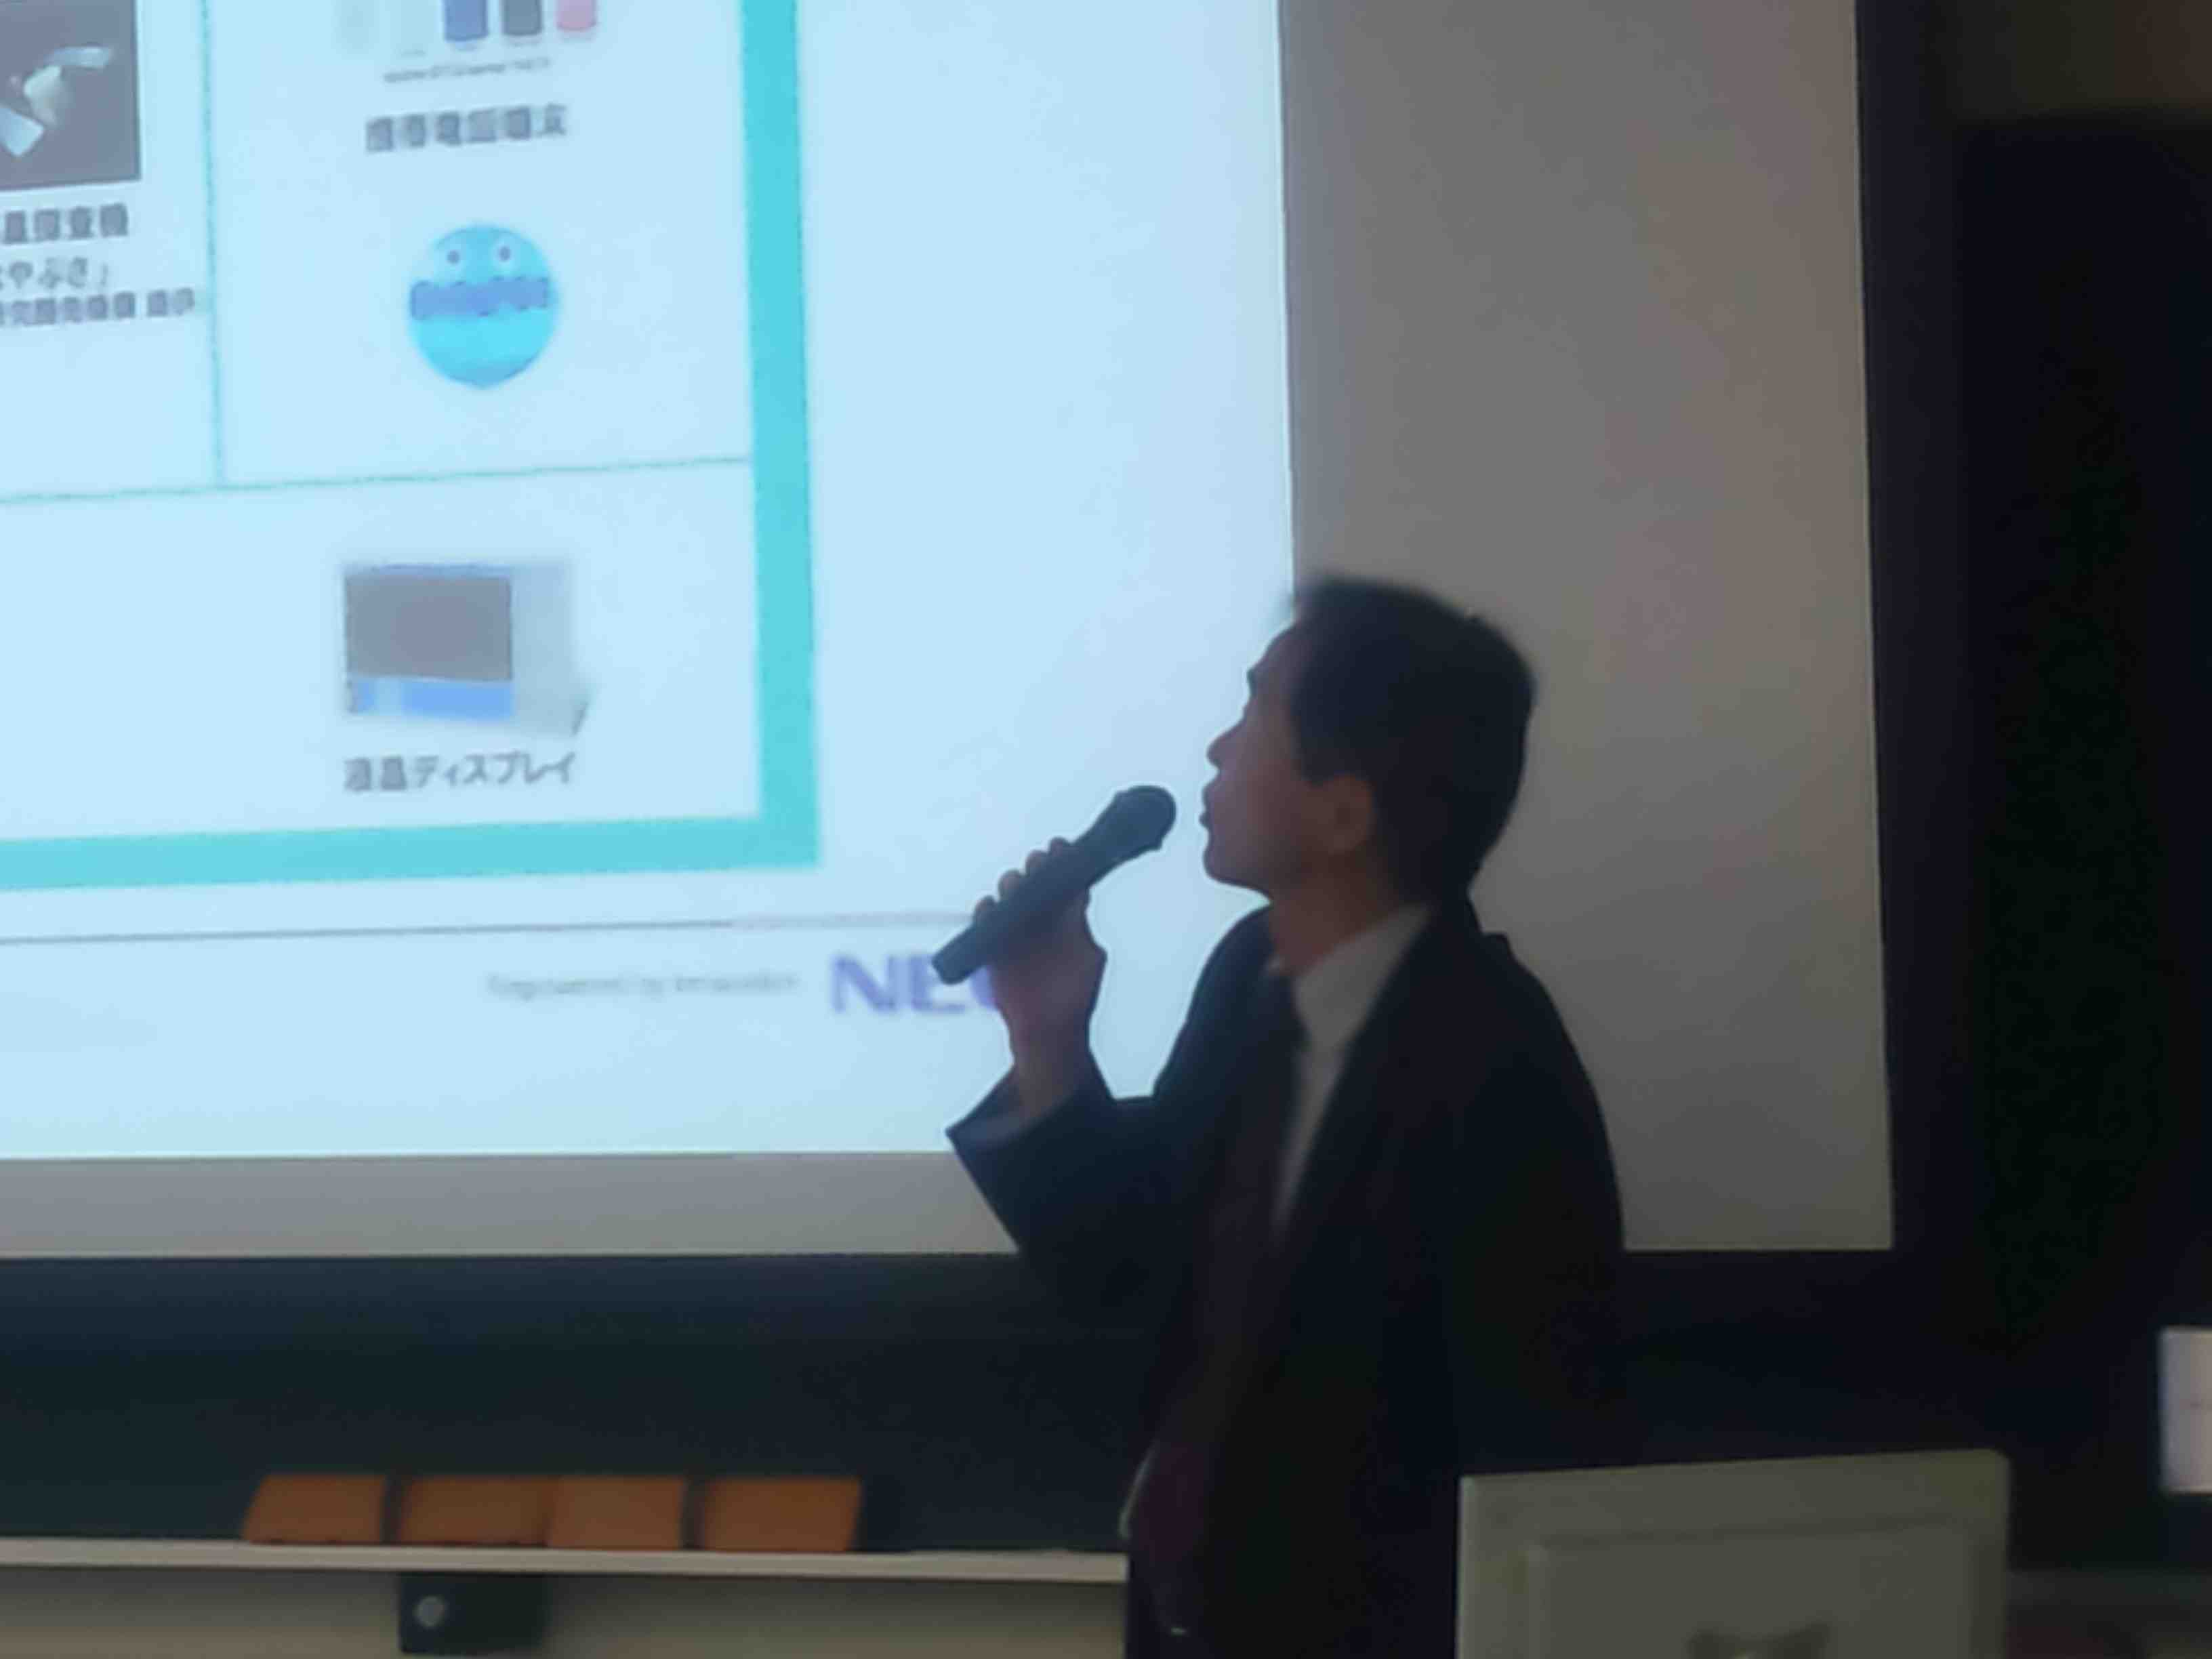 NECの事業領域や主な商品サービスを解説される寺尾氏